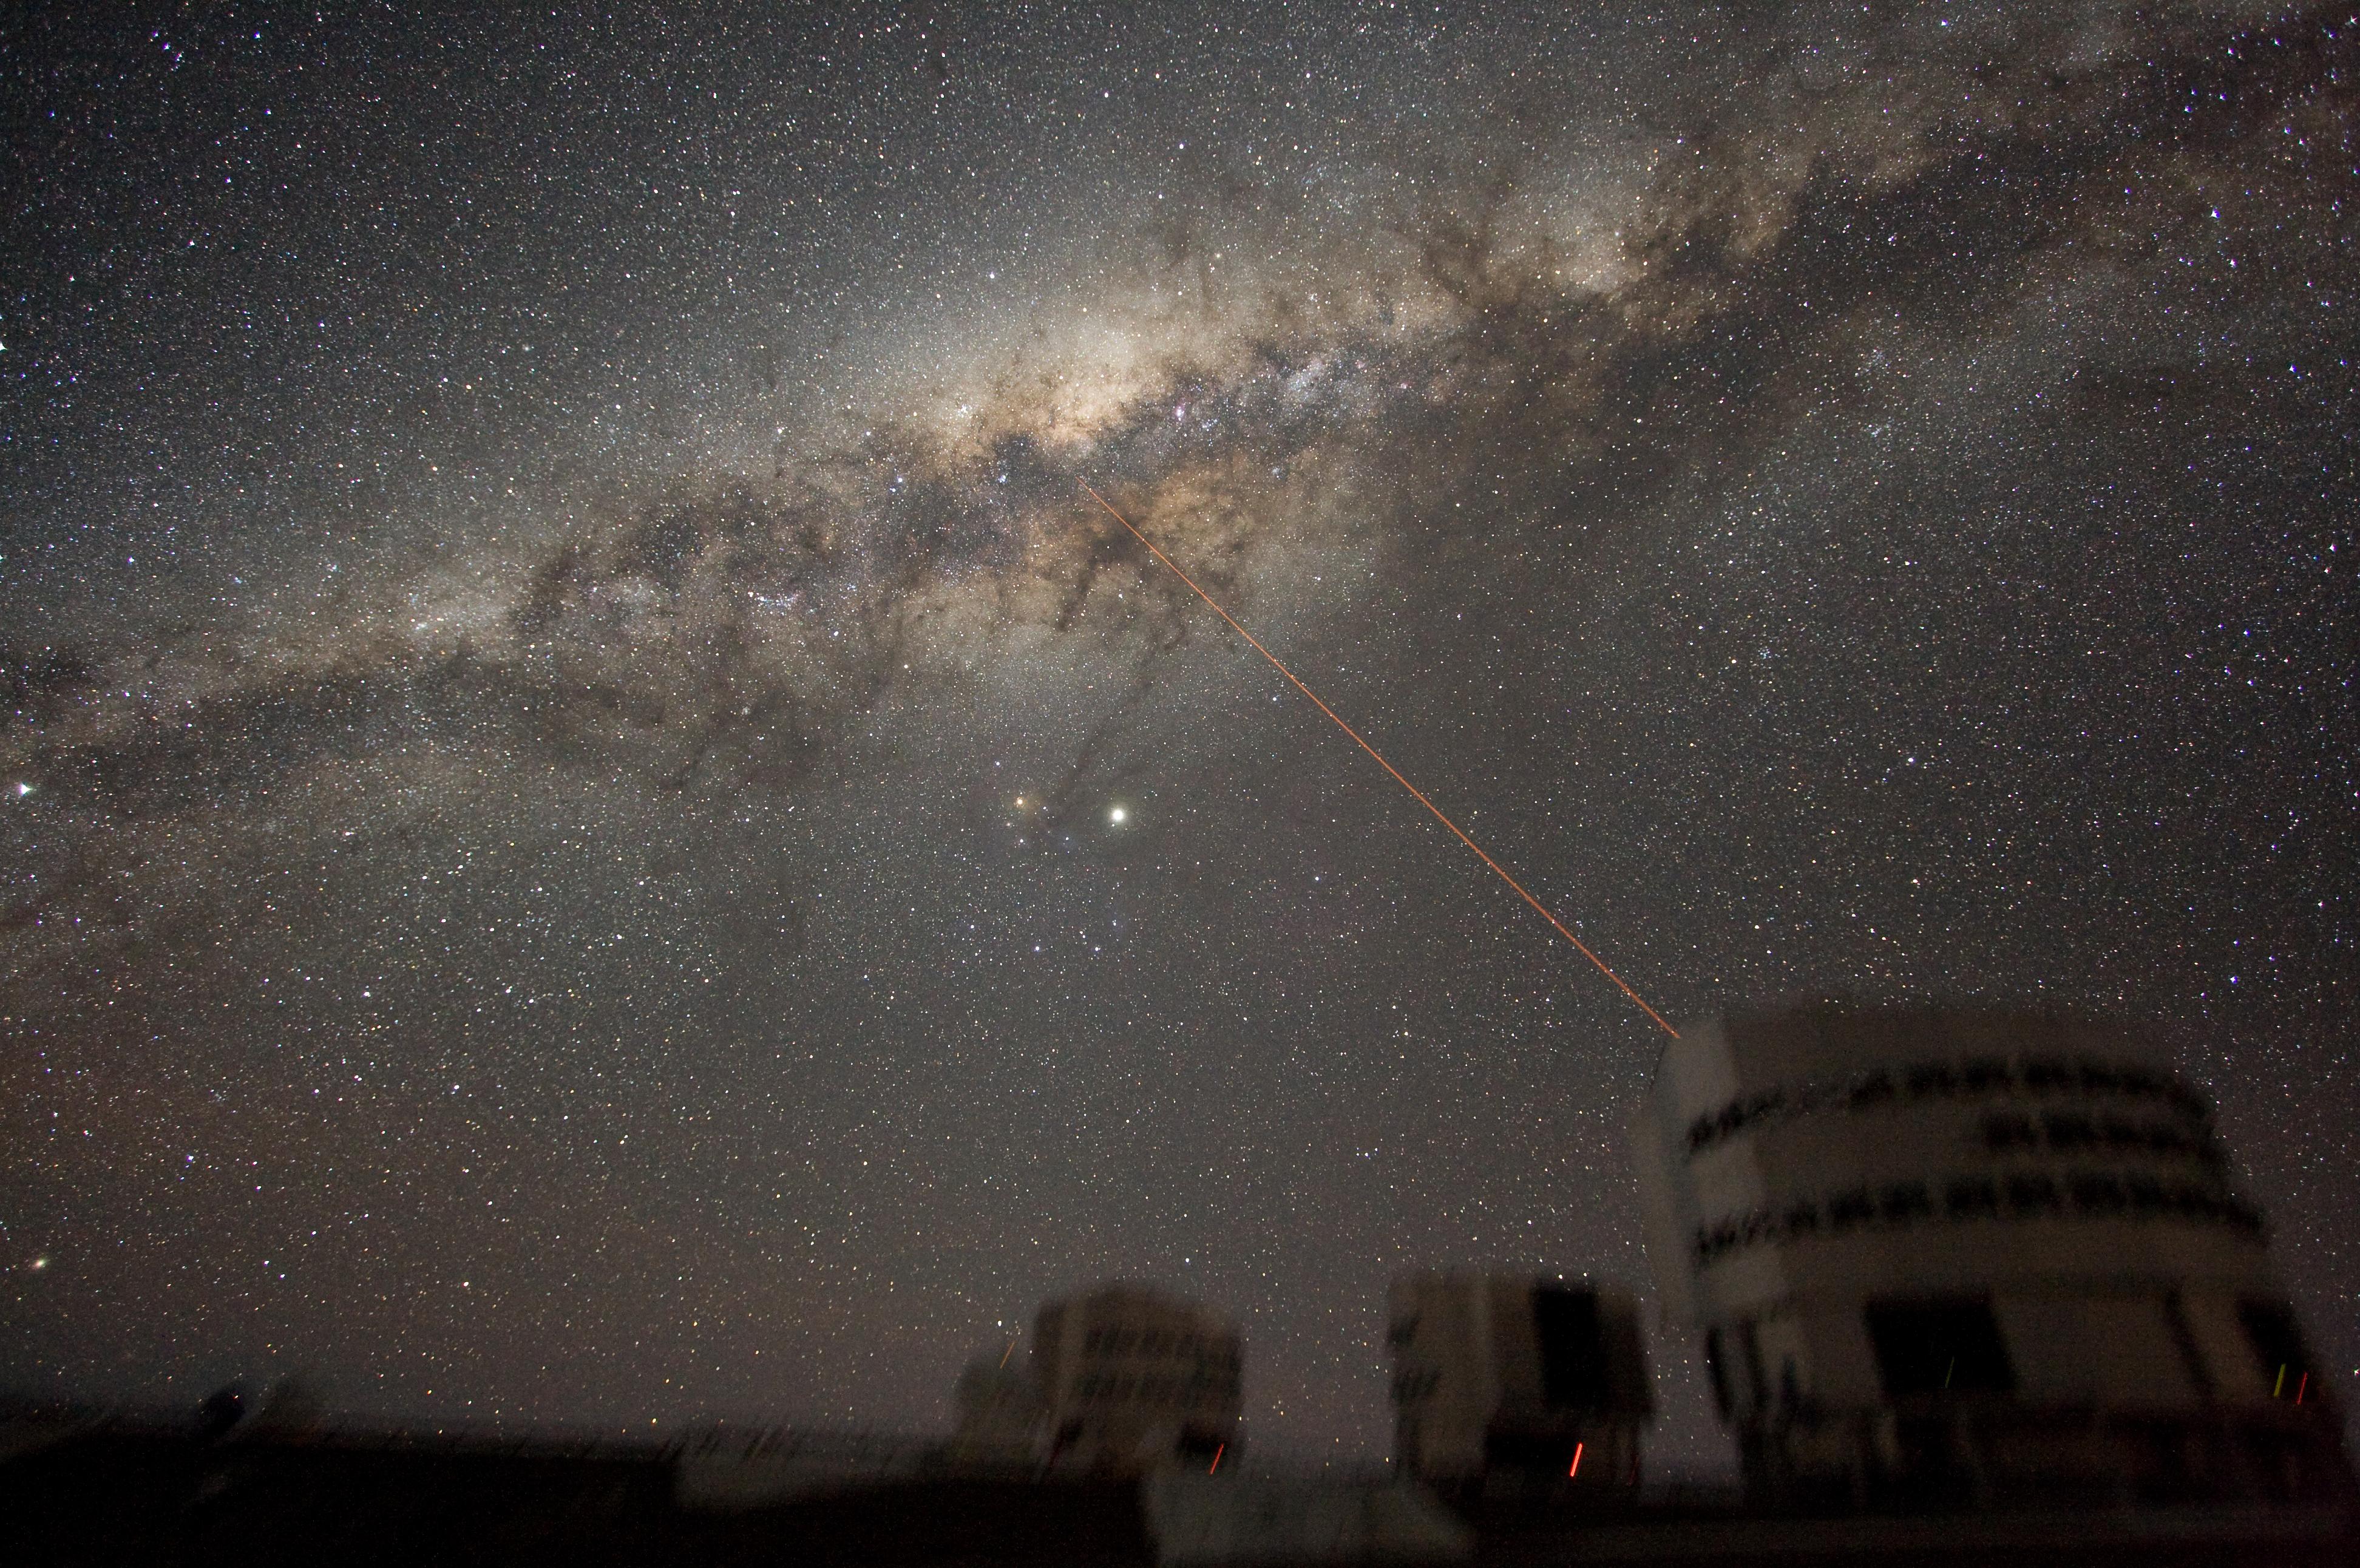 Imagem da Via Láctea no céu noturno em deserto do Chile, em 21 de julho de 2007, fotografado pelo astrônomo Yuri Beletsky do Observatório Europeu do Sul ou Observatório Paranal (disponível via Wikimedia).